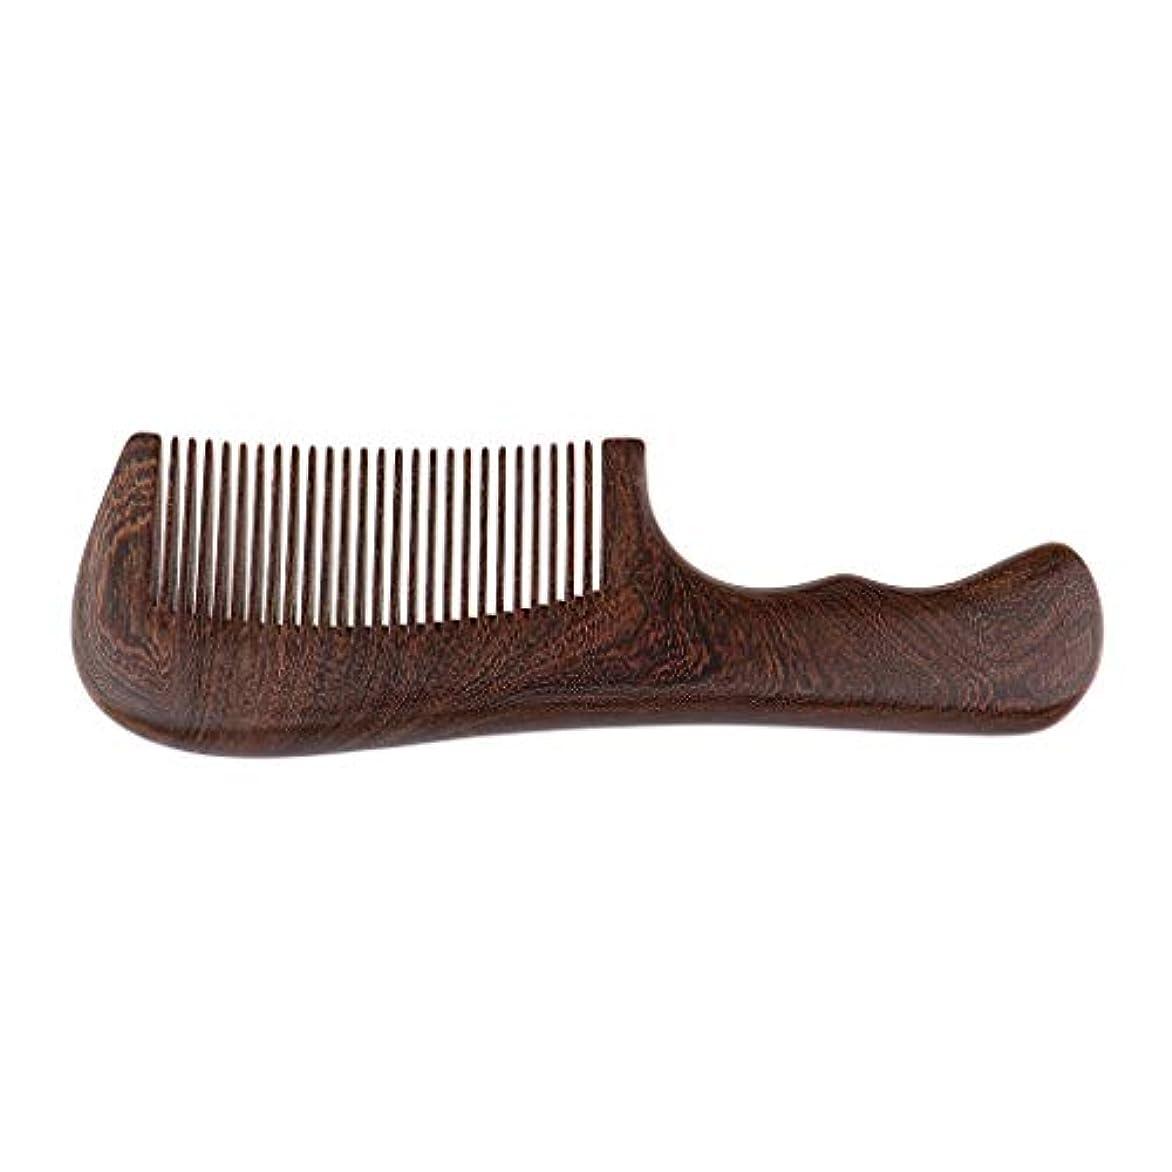 または小さいそして帯電防止櫛 ウッドコーム 木製櫛 ハンドヘルドくし 頭皮マッサージ 2仕様選べ - 細かい歯